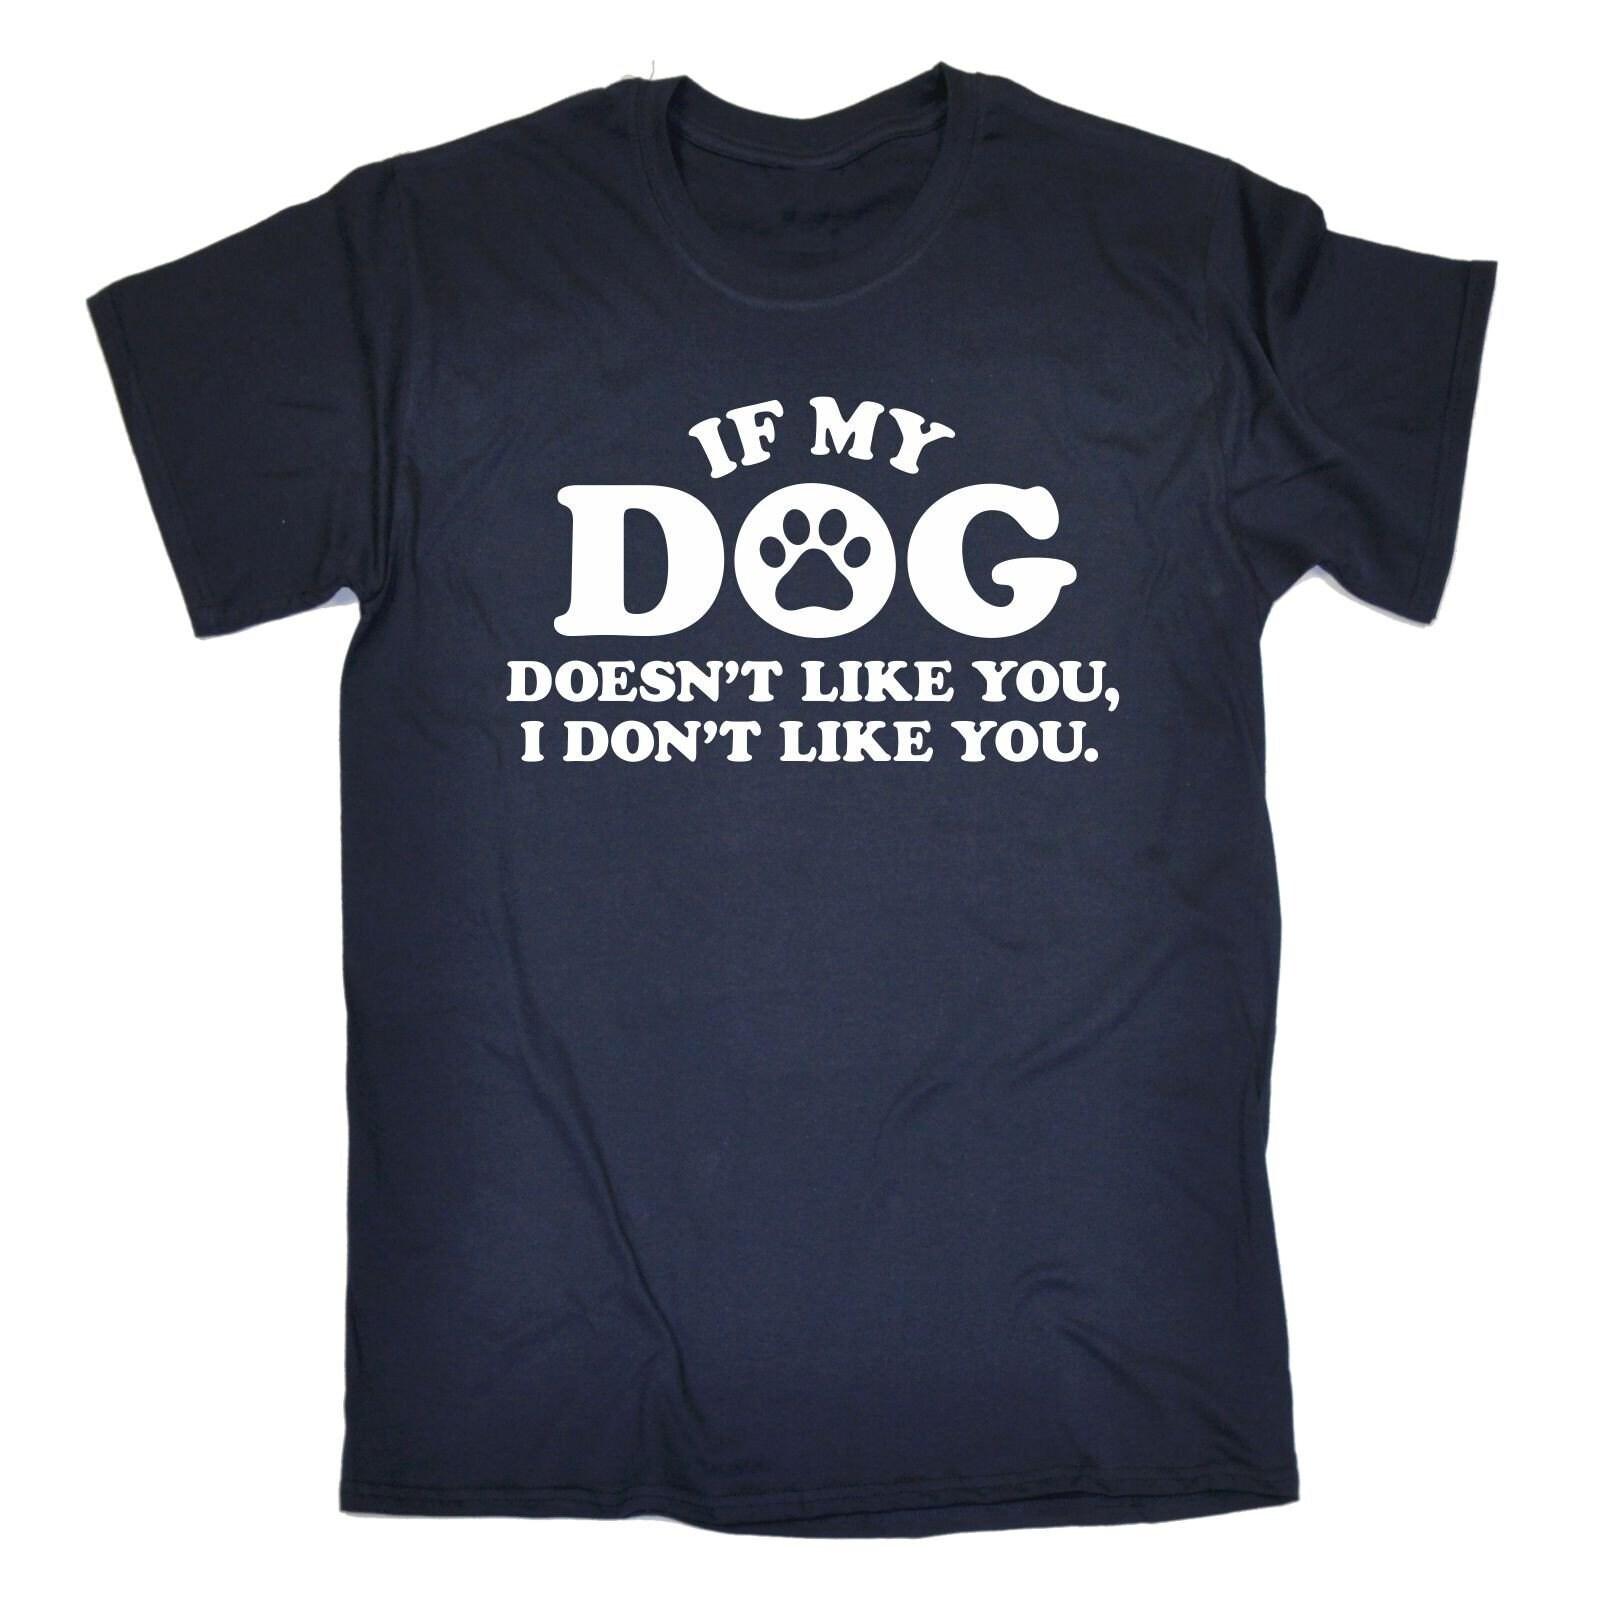 123t chien (homme) si mon chien 123t n'est pas comme vous je n'aime pas vous drôle T-Shirt Tee Tshirt T Shirts nouveauté drôle d'anniversaire cadeau de Noël présent 1d7adb